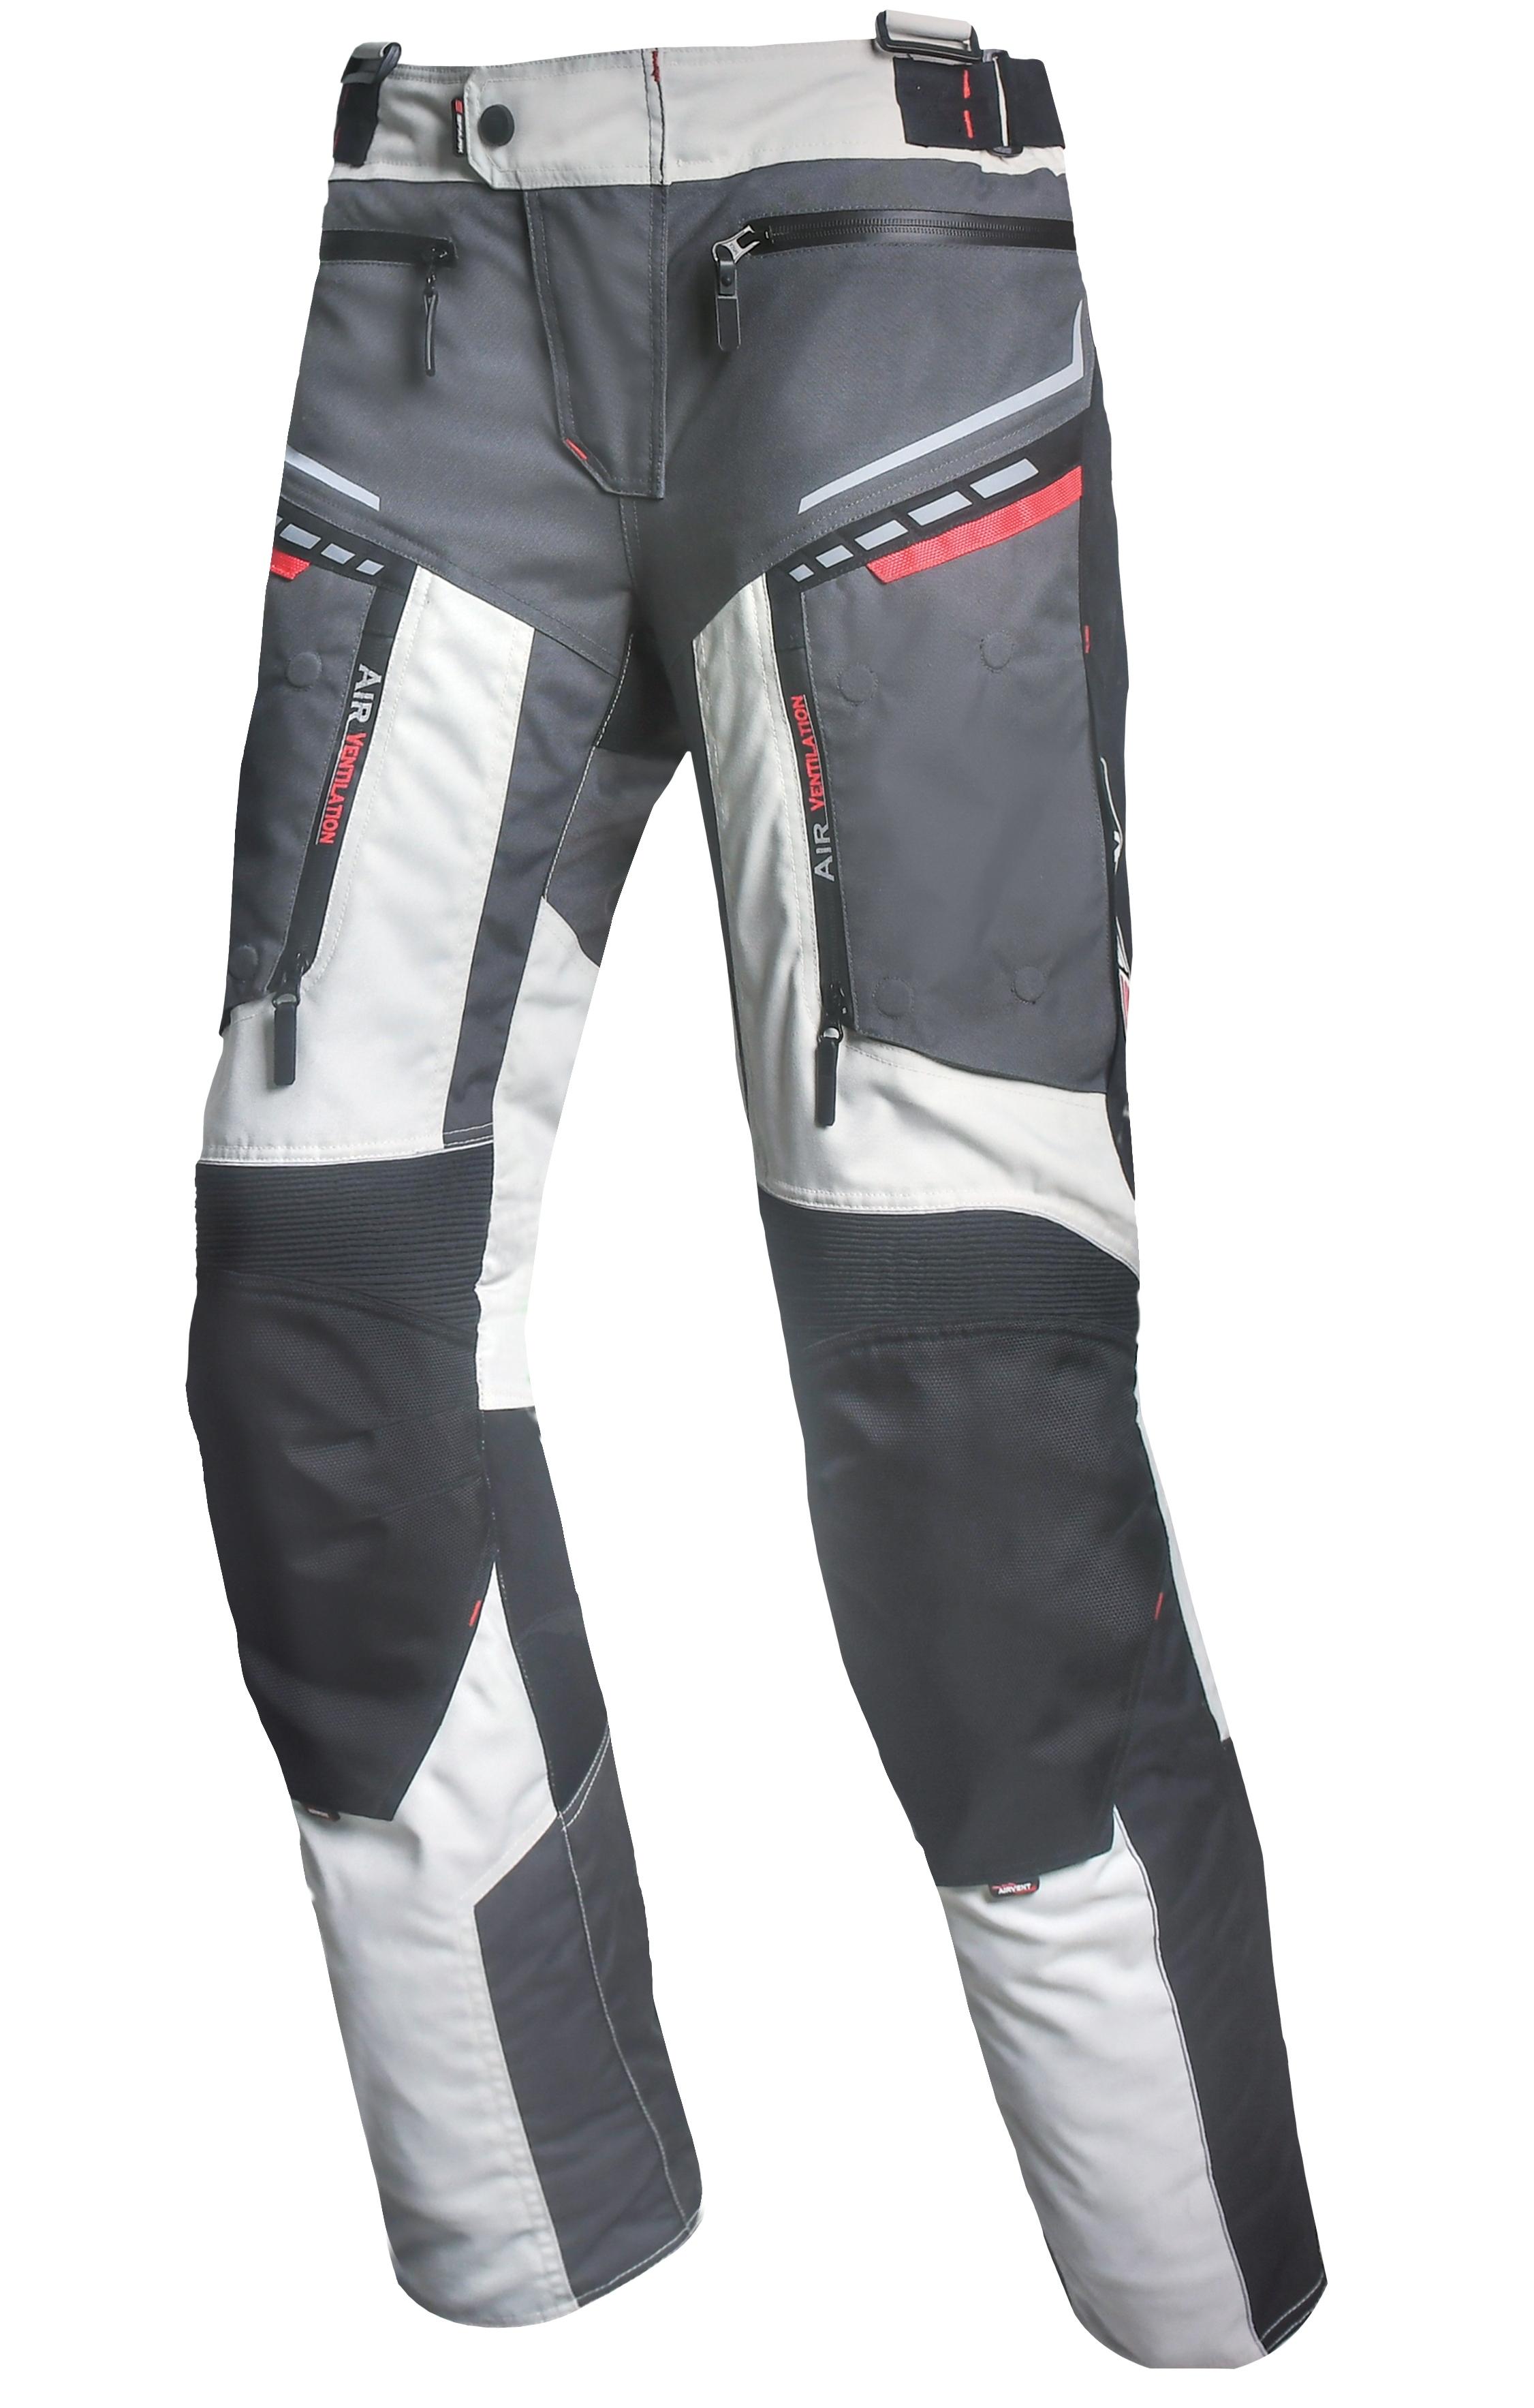 Pánské textilní moto kalhoty Spark Avenger, šedé